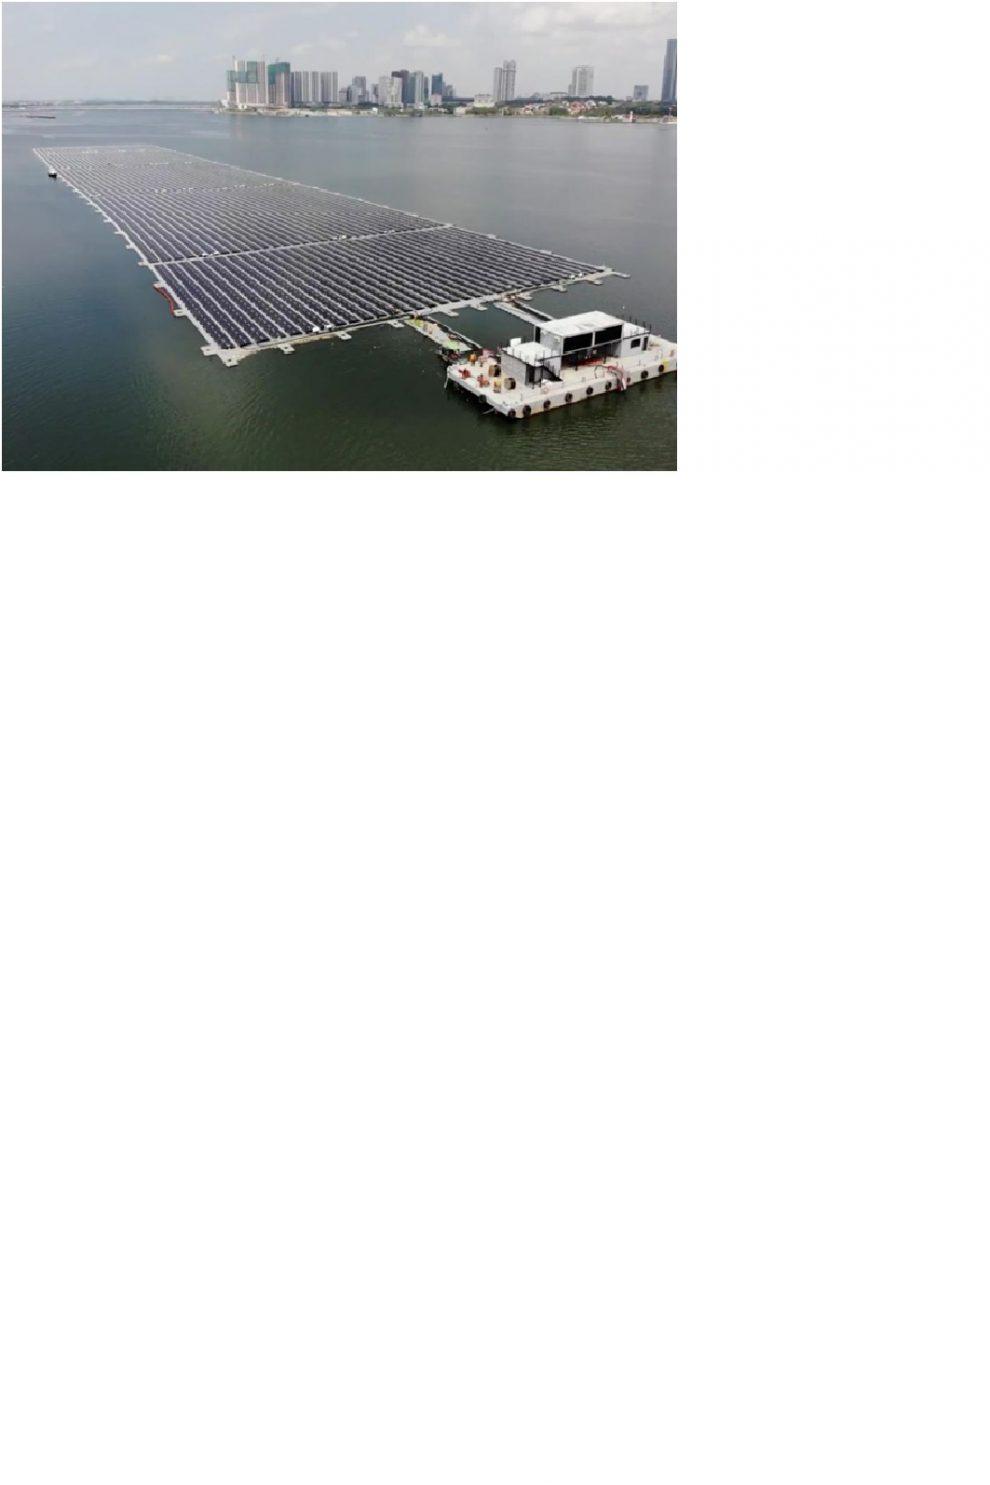 Solární farmy na moři: budoucnost obnovitelných zdrojů je i tam, kde není půda